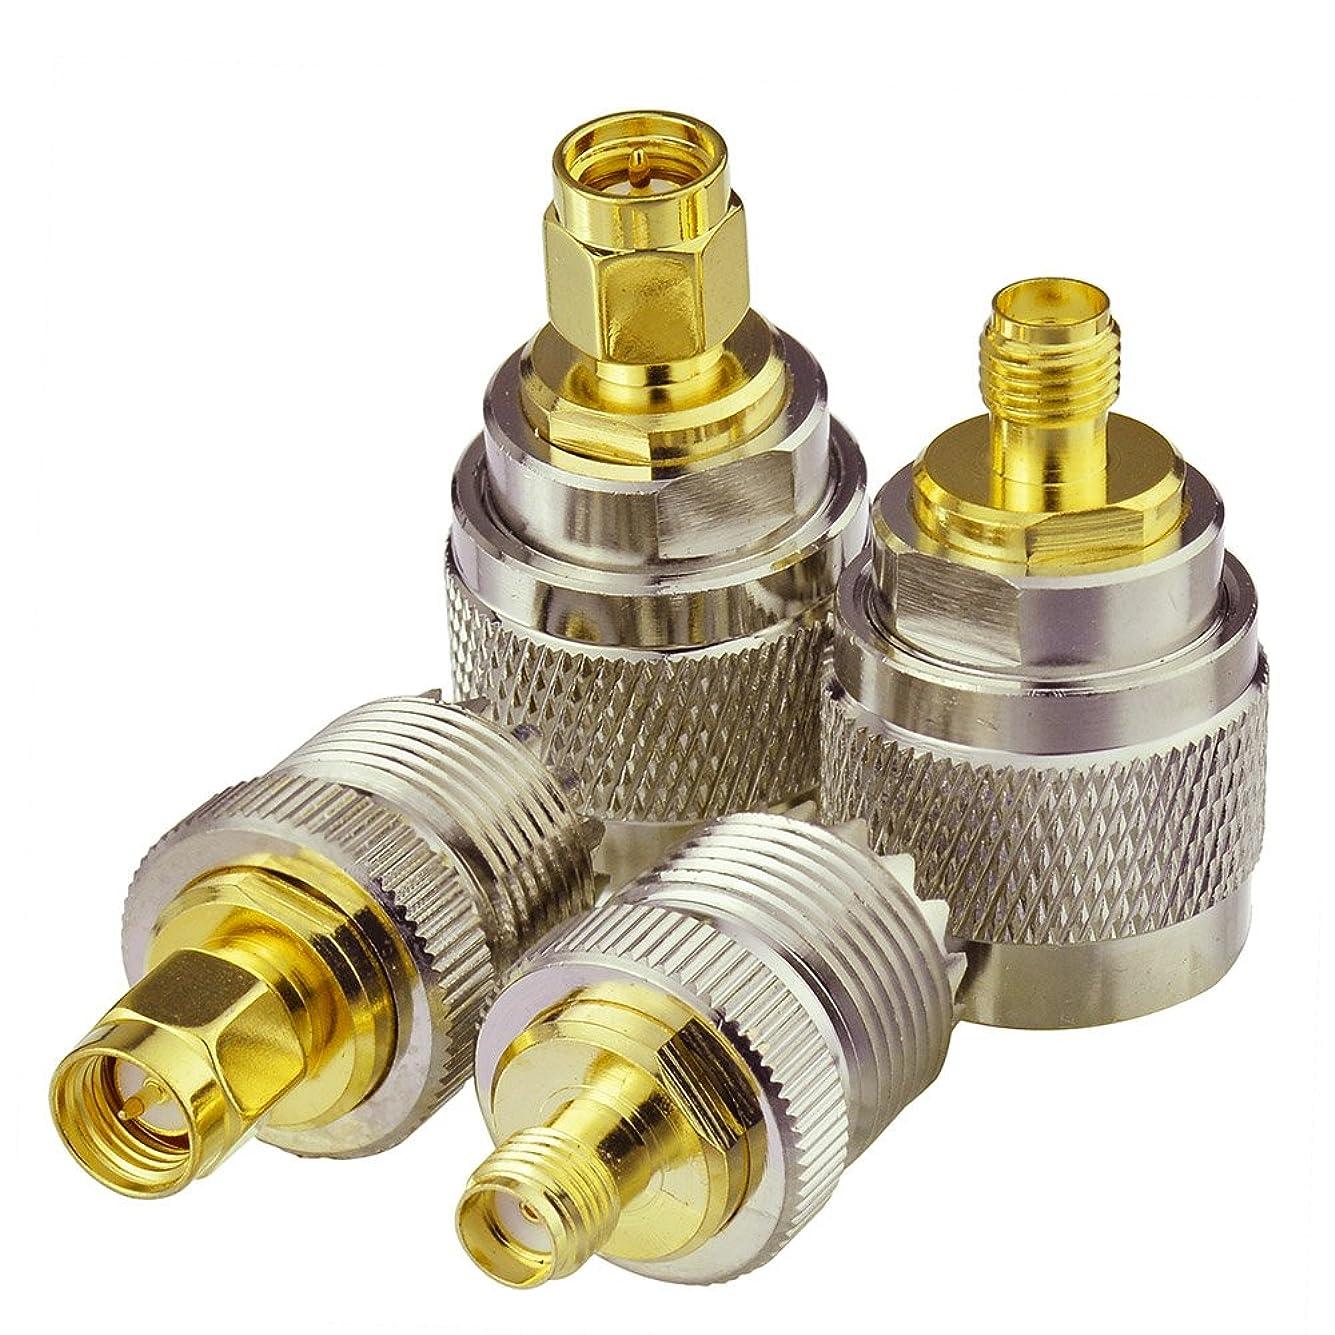 エッセイベッド似ているPortta SPDIF/TosLink デジタル 光ファイバー オーディオスプリッタ オーディオ切替器 オーディオ分配器 スイッチ3×1(3入力1出力)